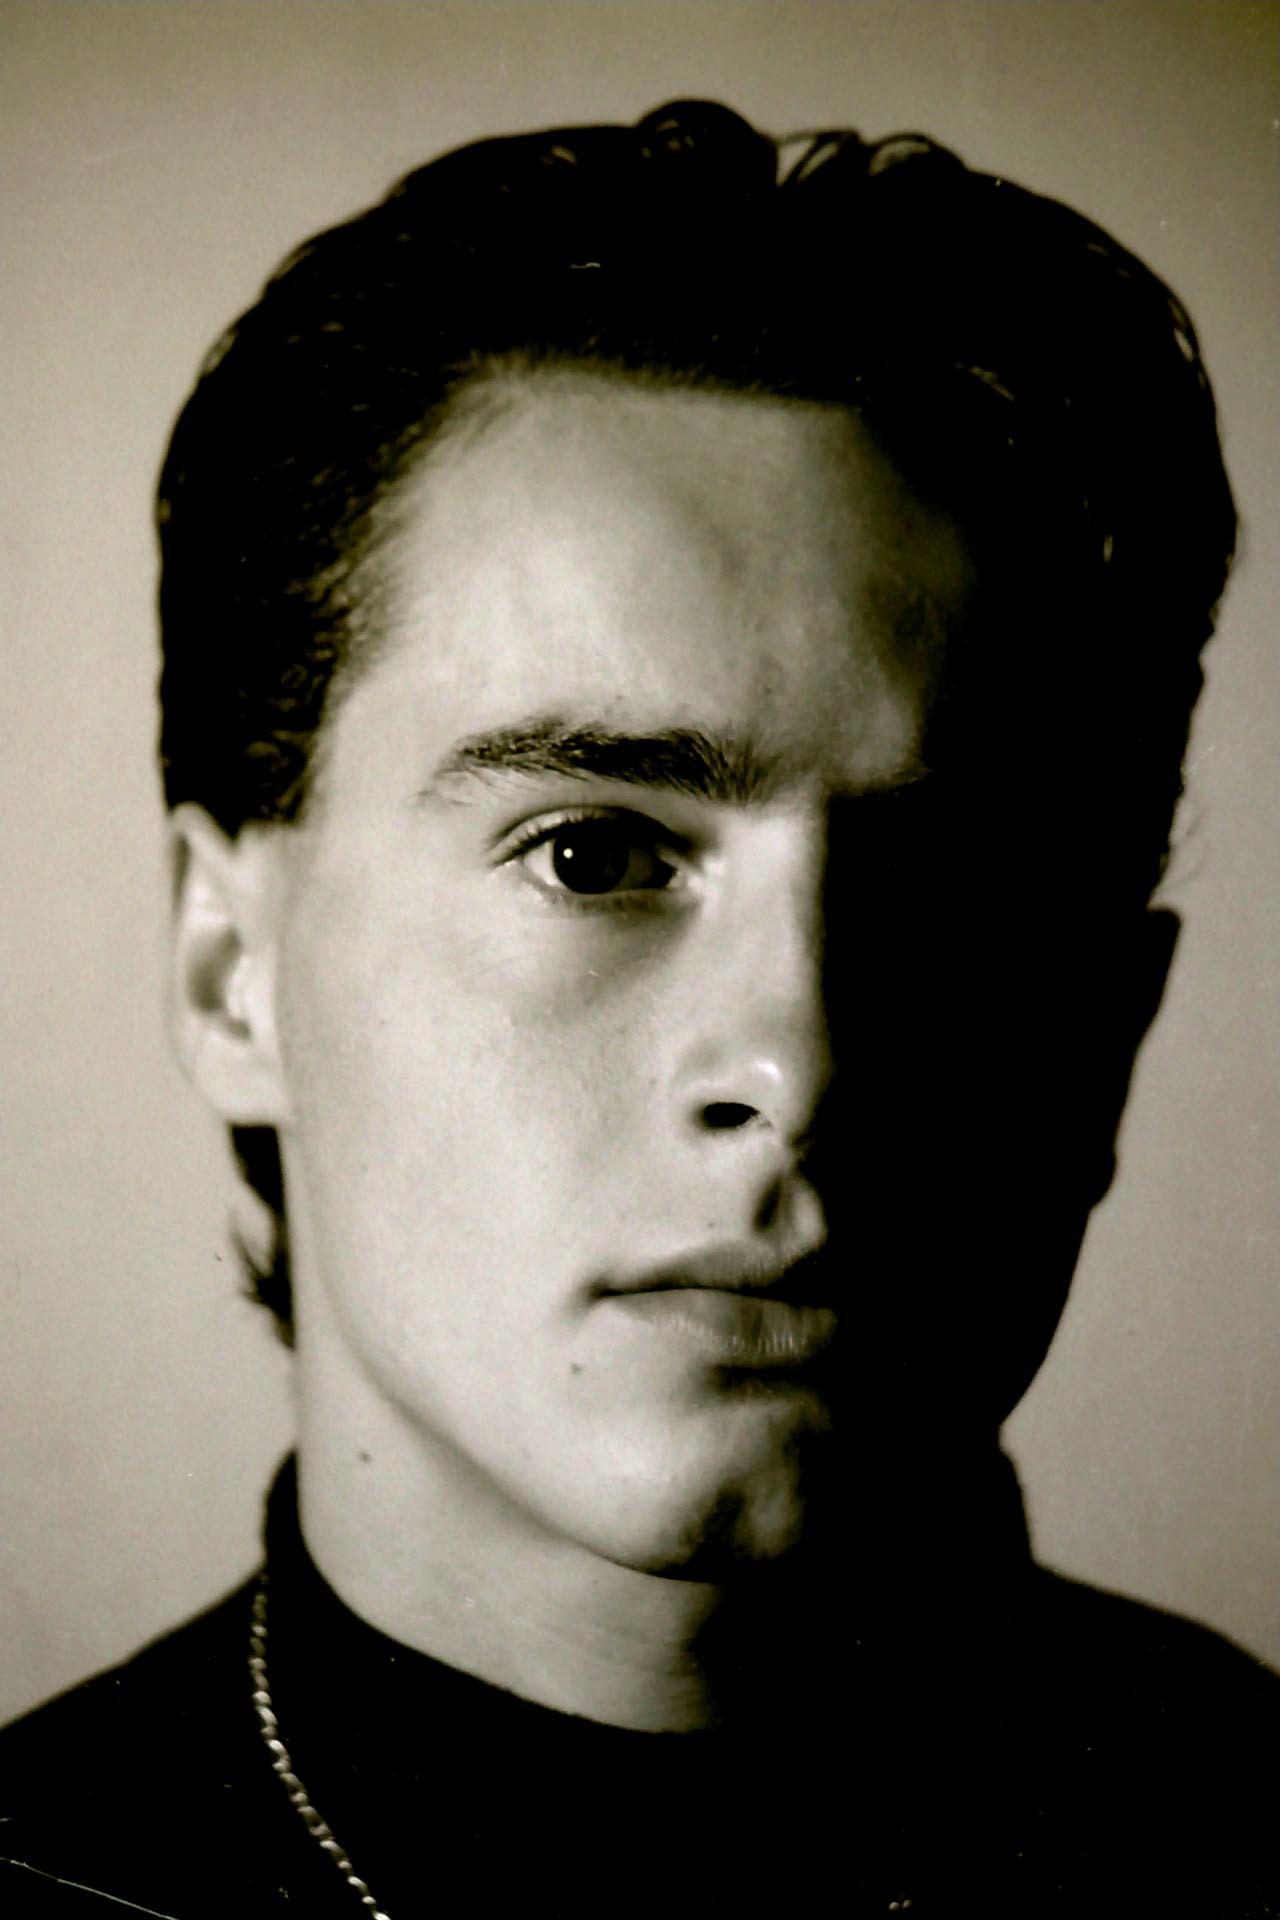 Giancarlo- Studio di ritratto,1988